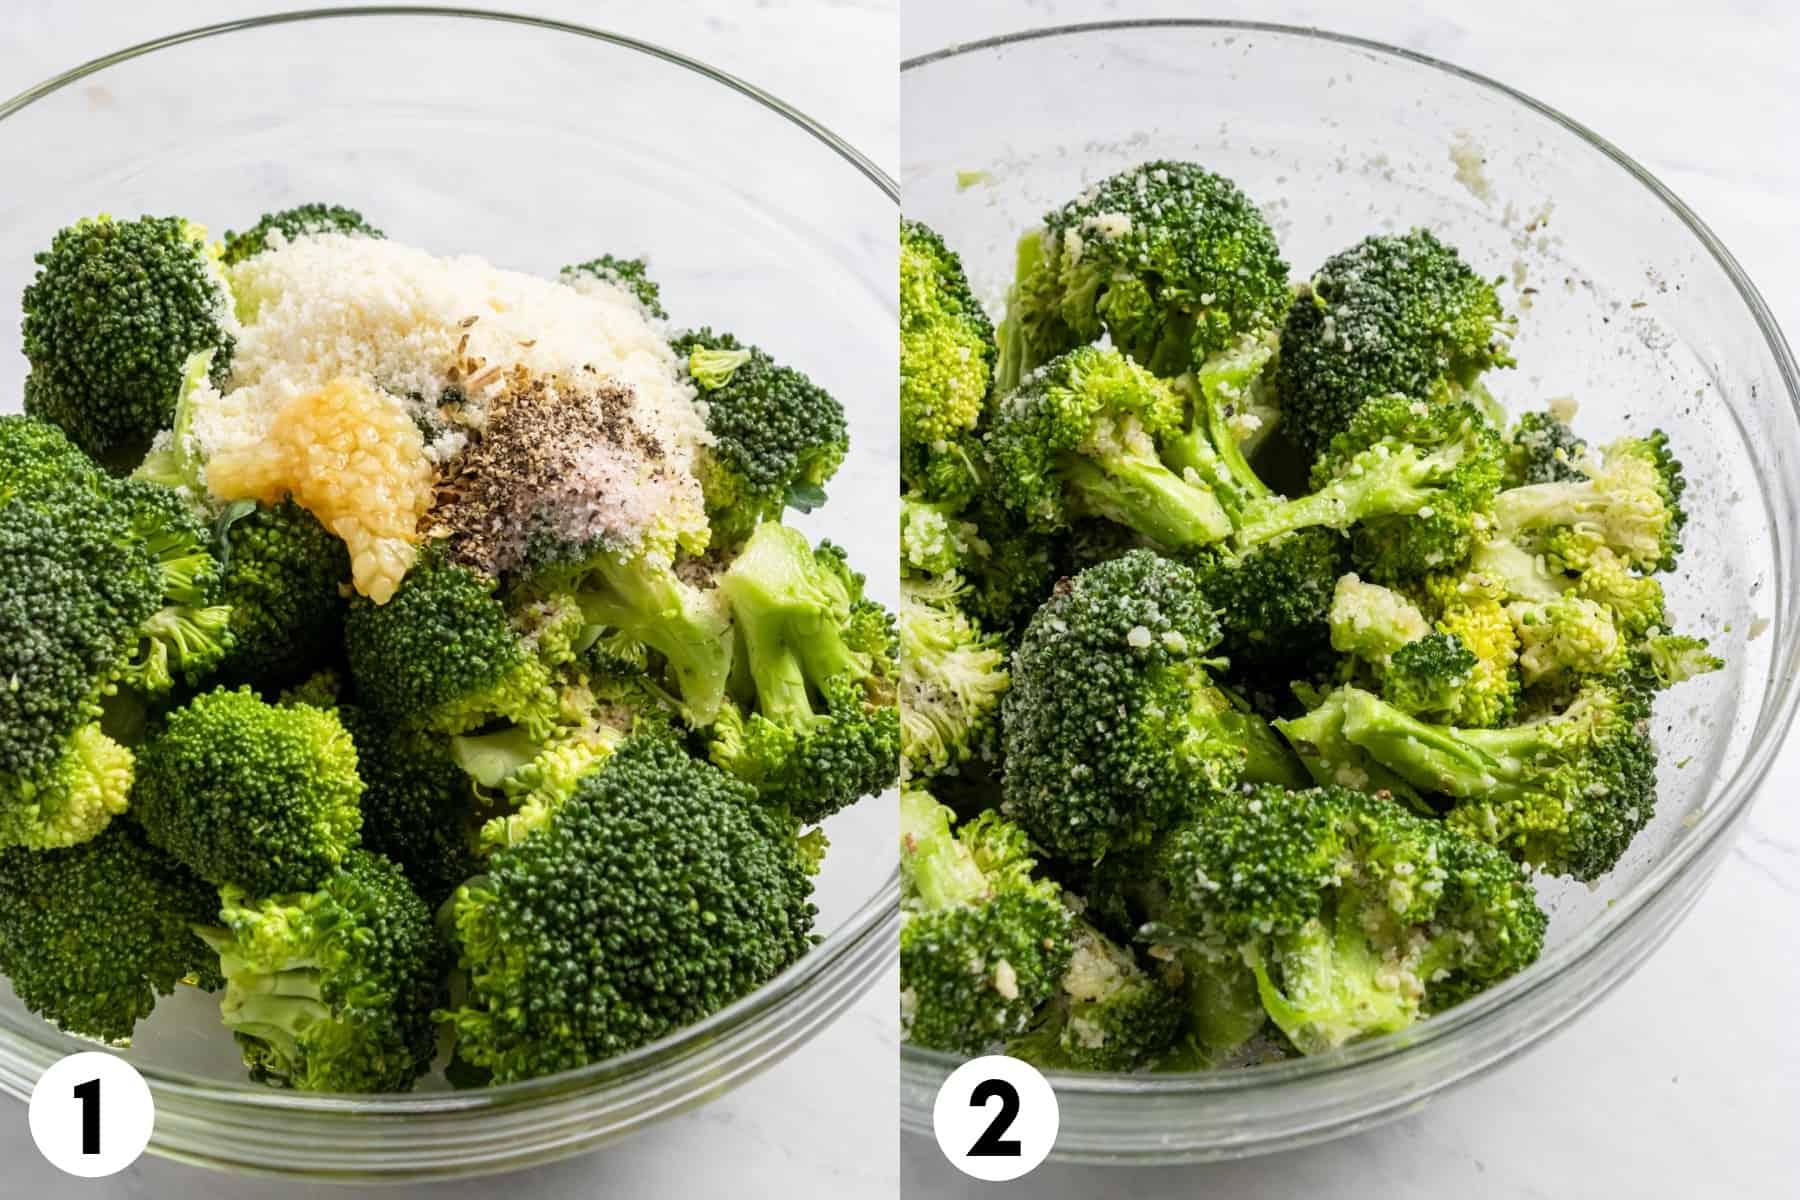 Broccoli, garlic, parmesan and seasonings in mixing bowl.